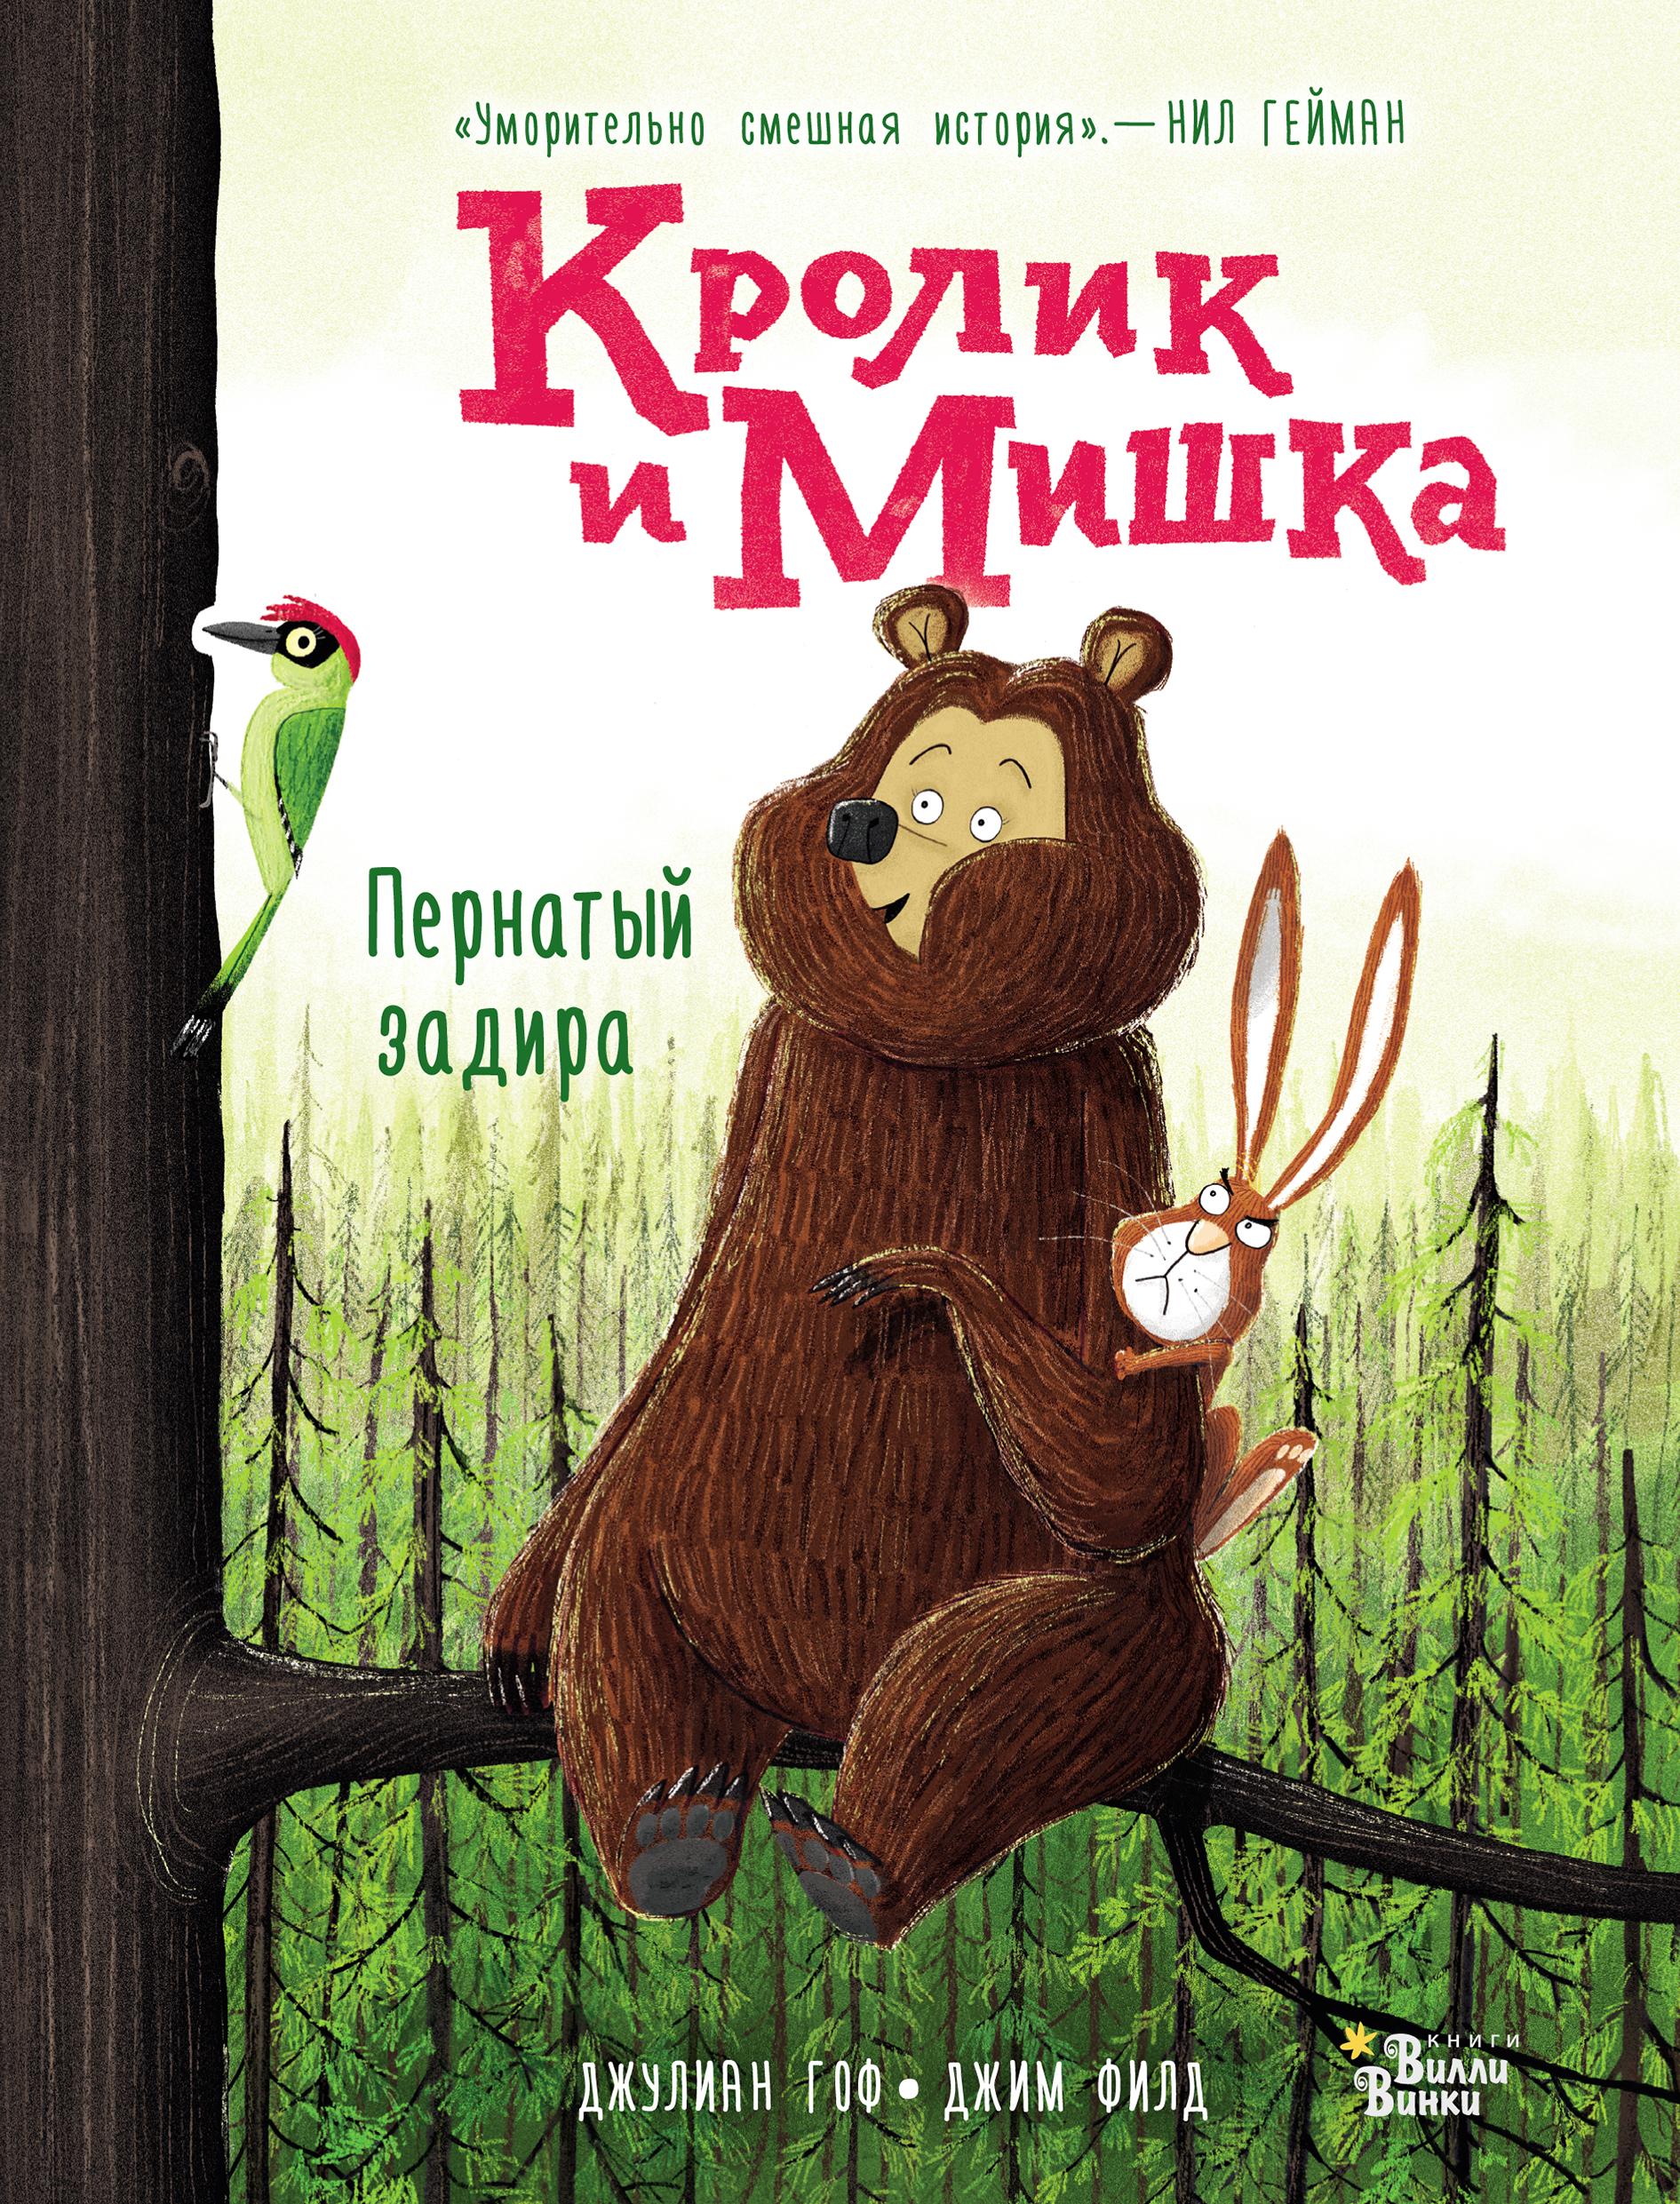 Джулиан Гоф Кролик и Мишка. Пернатый задира джулиан гоф кролик и мишка пернатый задира page 4 page 10 page 10 page 3